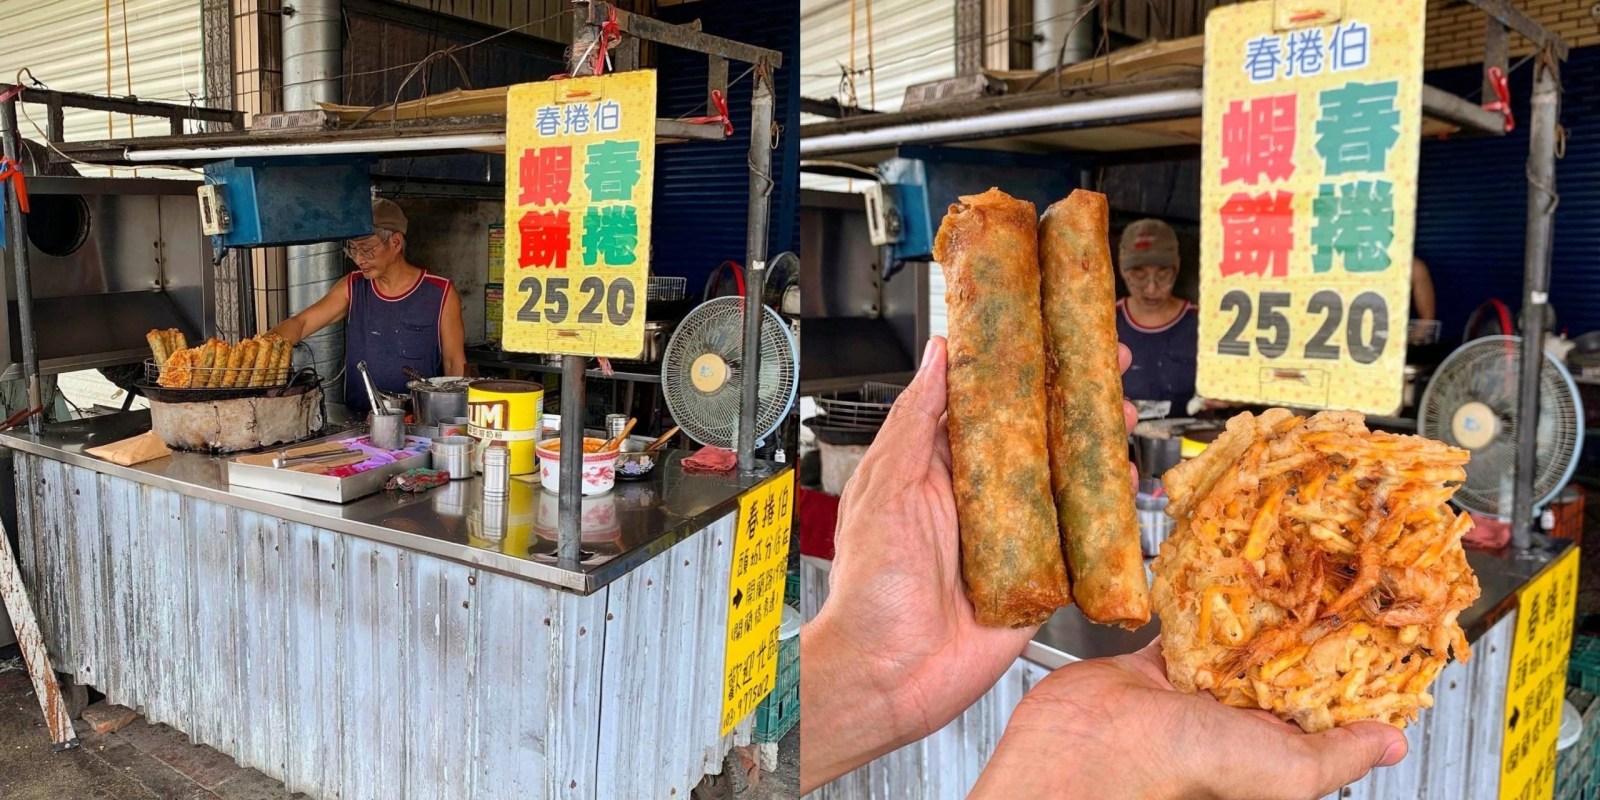 [宜蘭美食] 春捲伯 - 爆炸多汁的春捲還有特別的蝦餅!